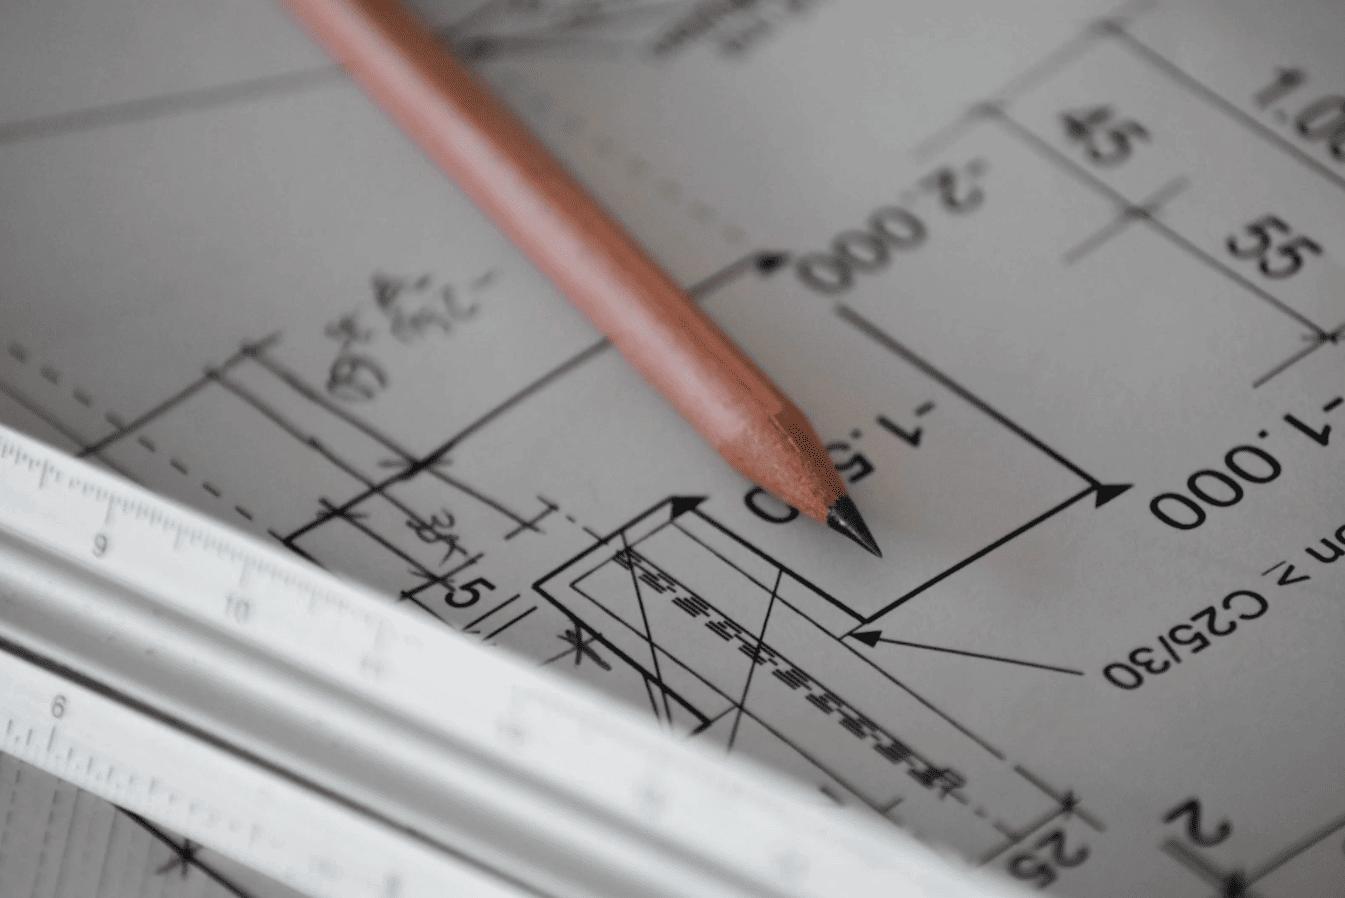 Tekeningen Keuken Op Maat Laten Maken Door Interieurbouwers Zoetermeer